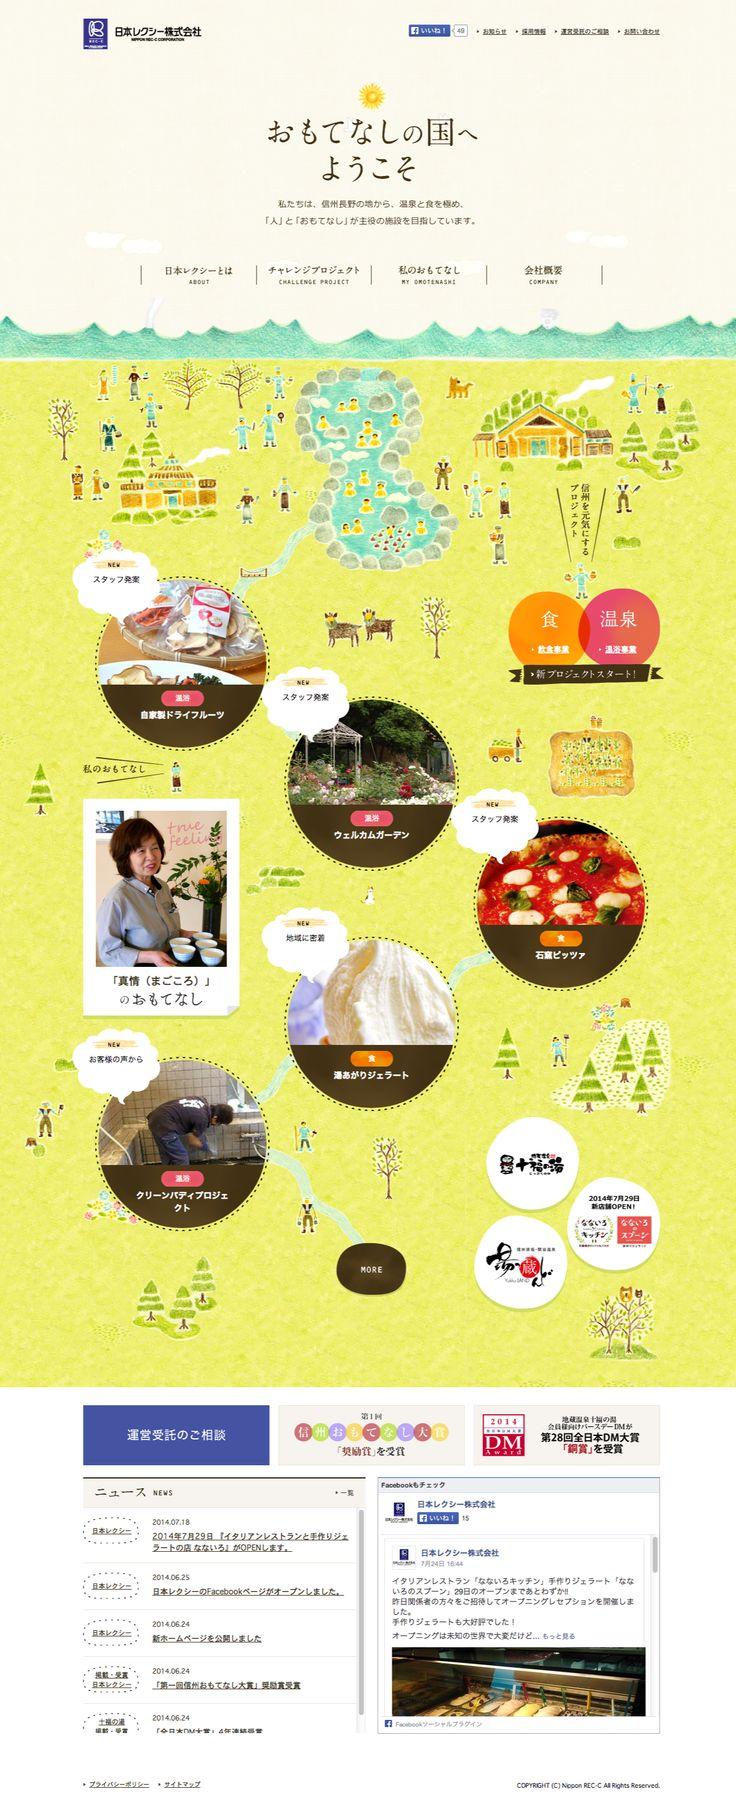 日本レクシー株式会社|日帰り温泉運営・飲食店運営・温泉コンサルタント http://www.omotenashi-1.jp/